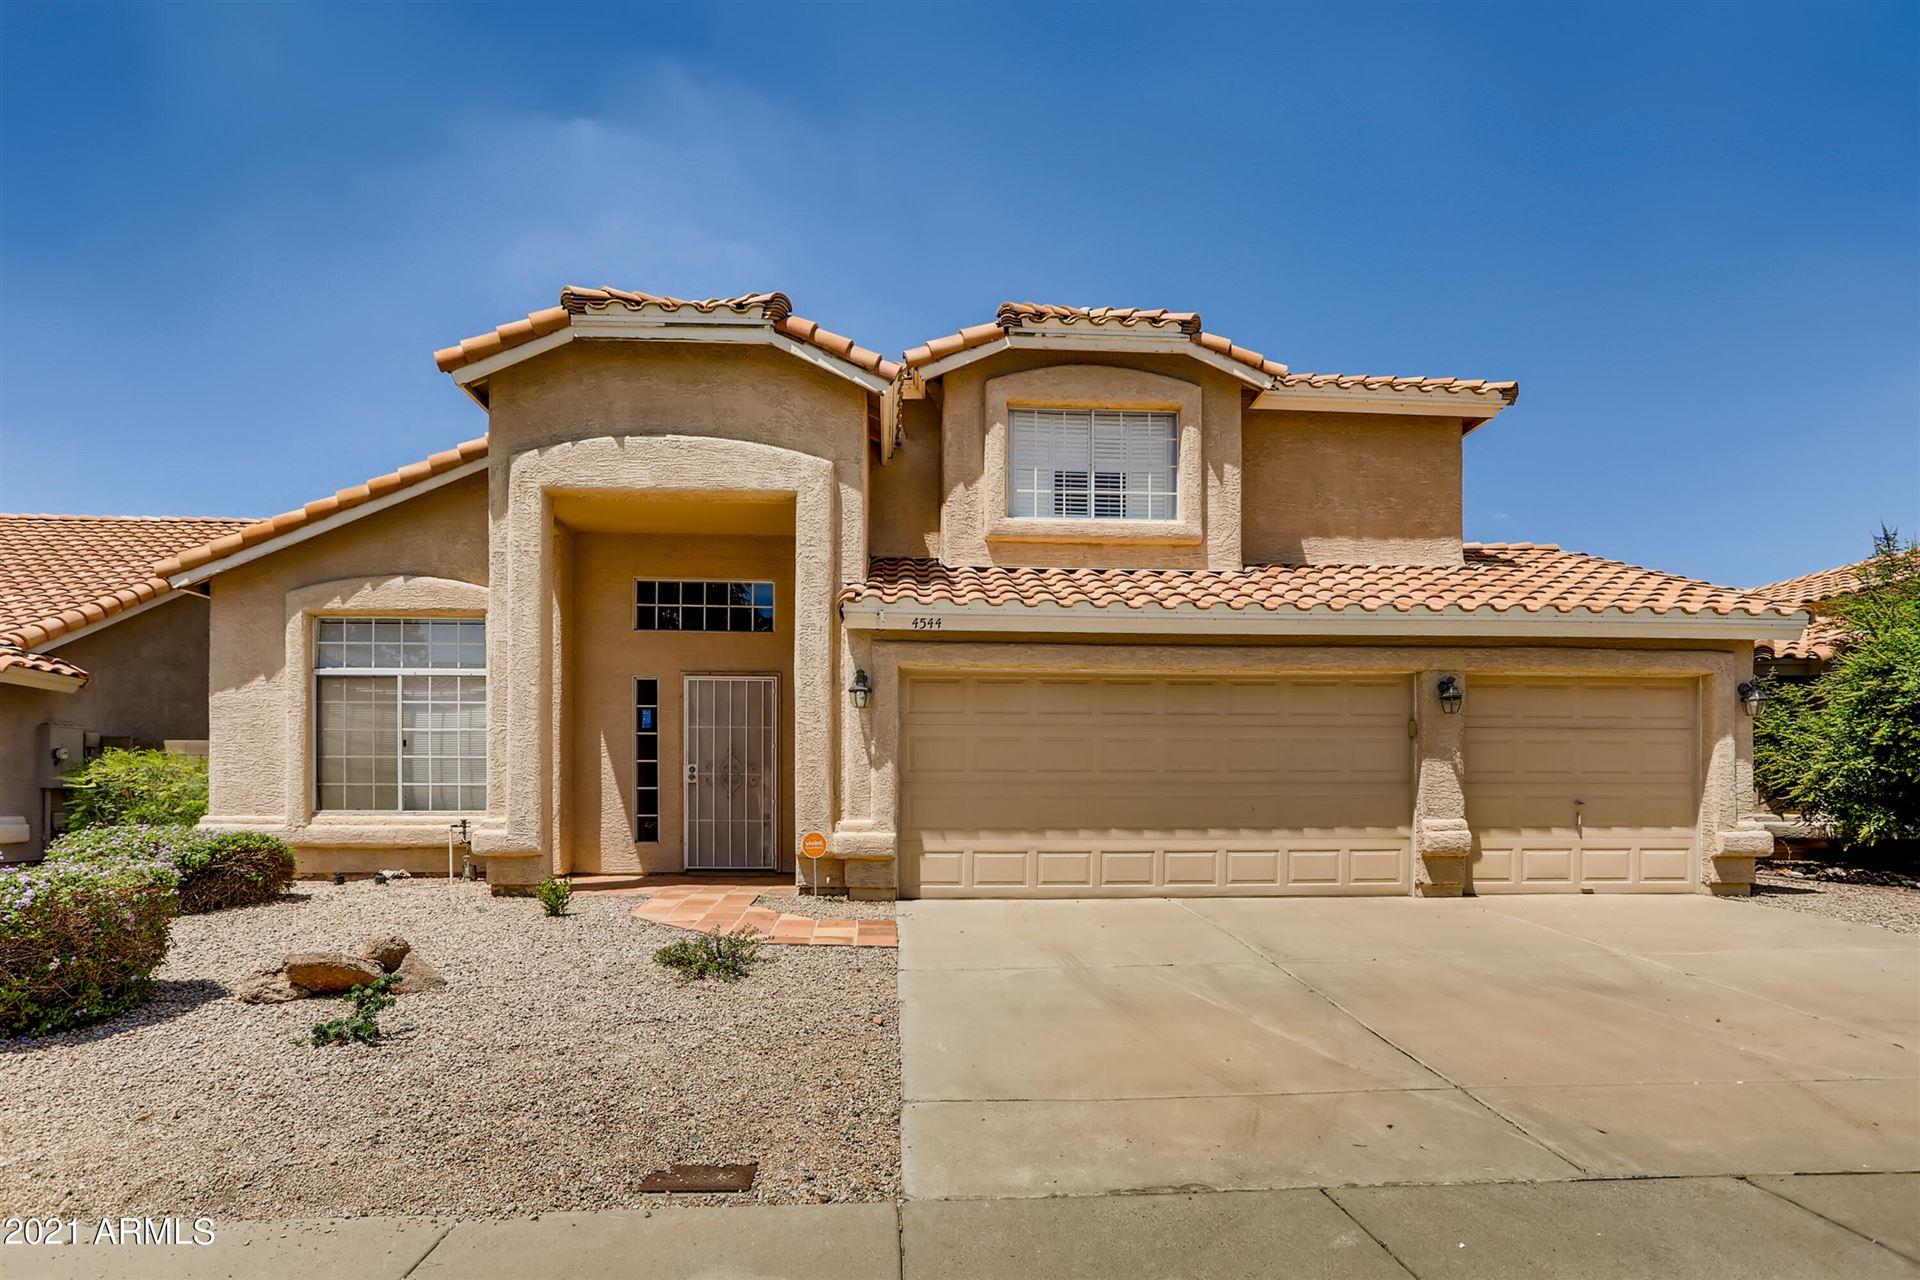 4544 E MICHELLE Drive, Phoenix, AZ 85032 - MLS#: 6270257